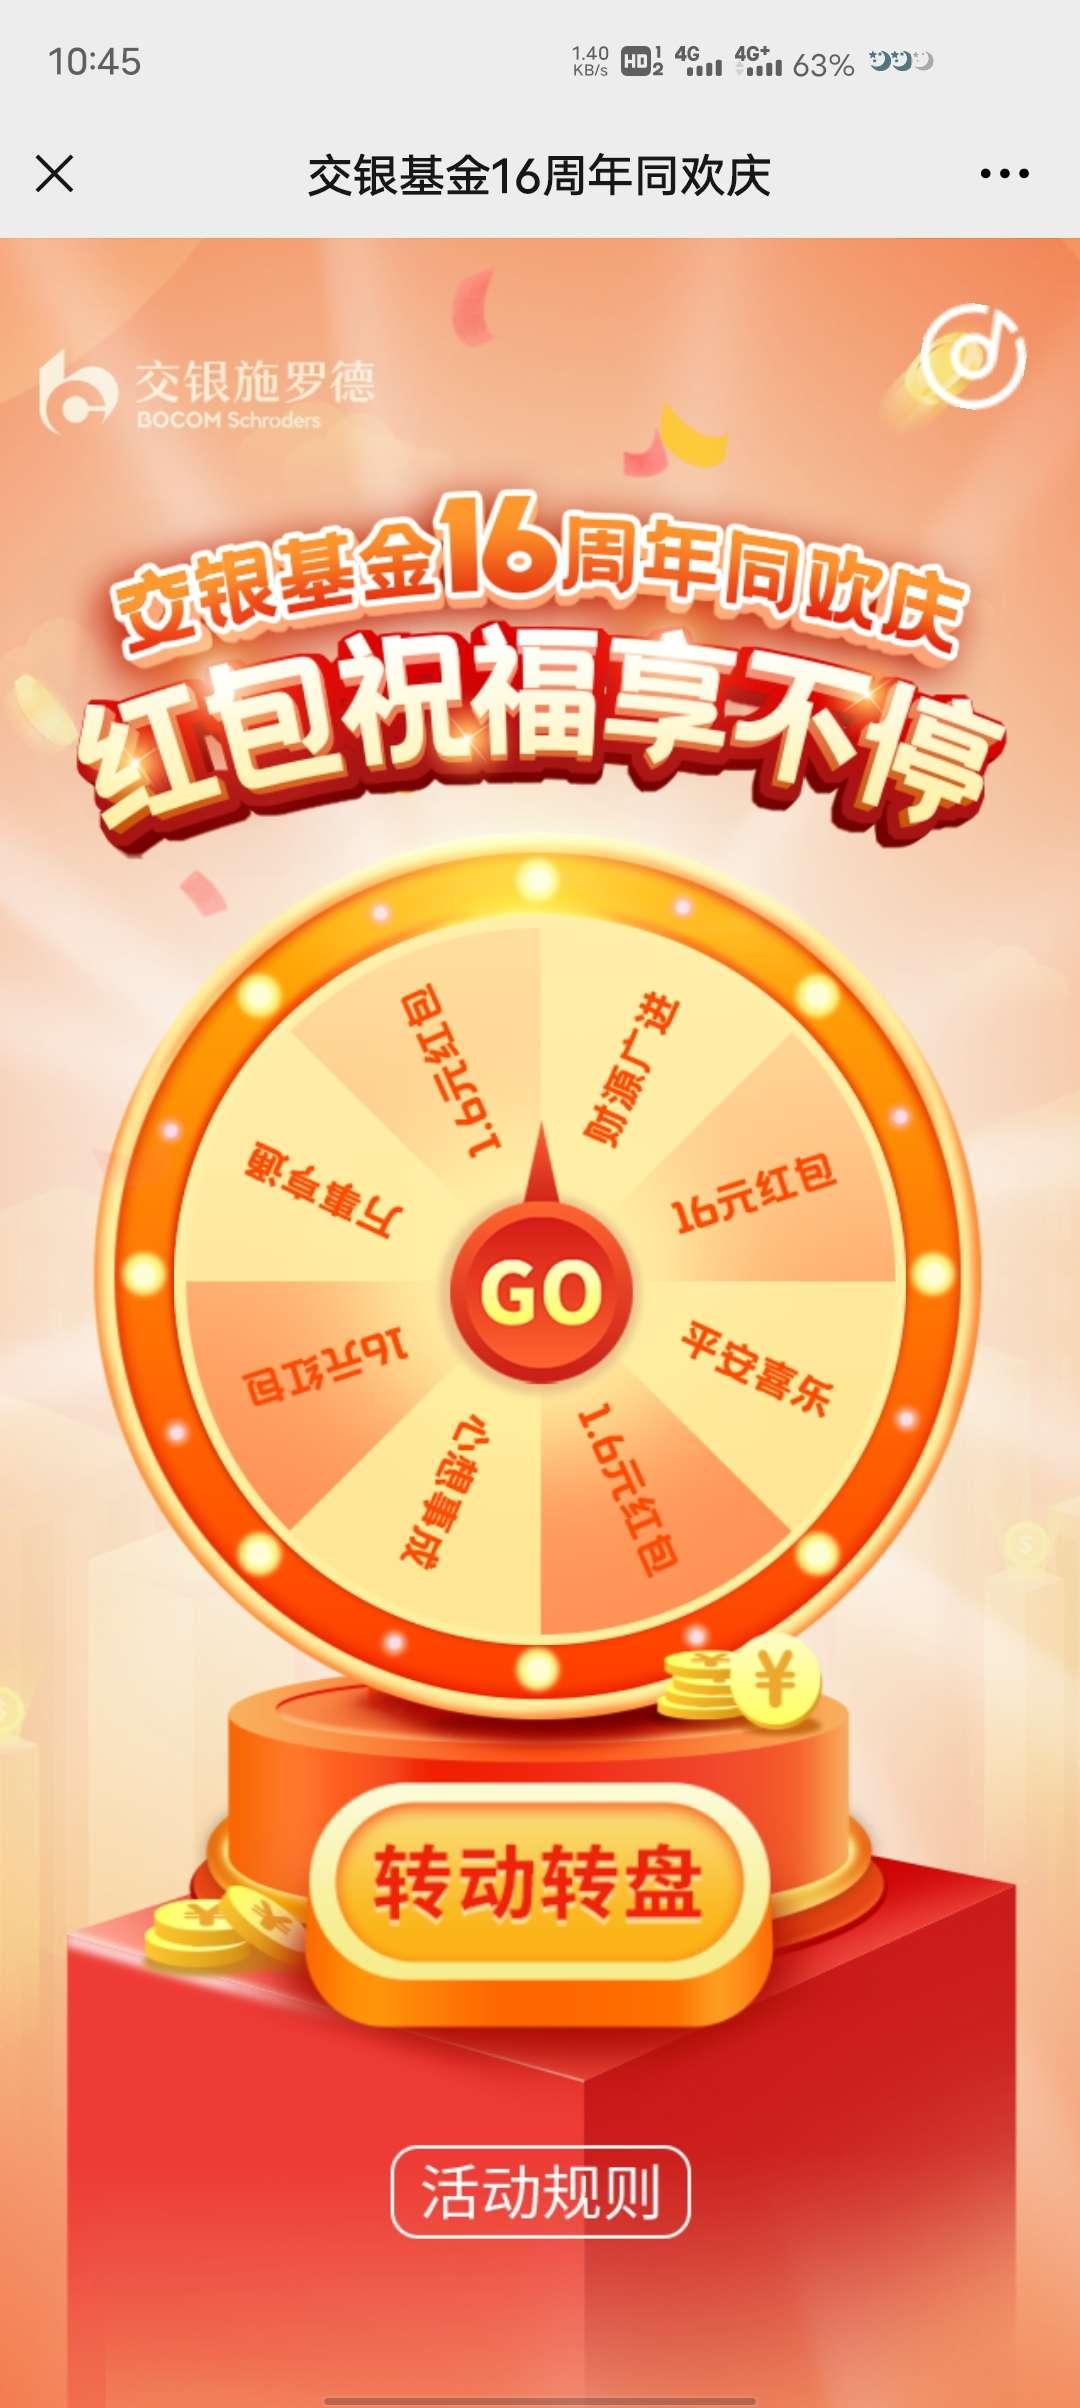 交银基金16周年与欢庆抽1.6-16元微信红包插图1